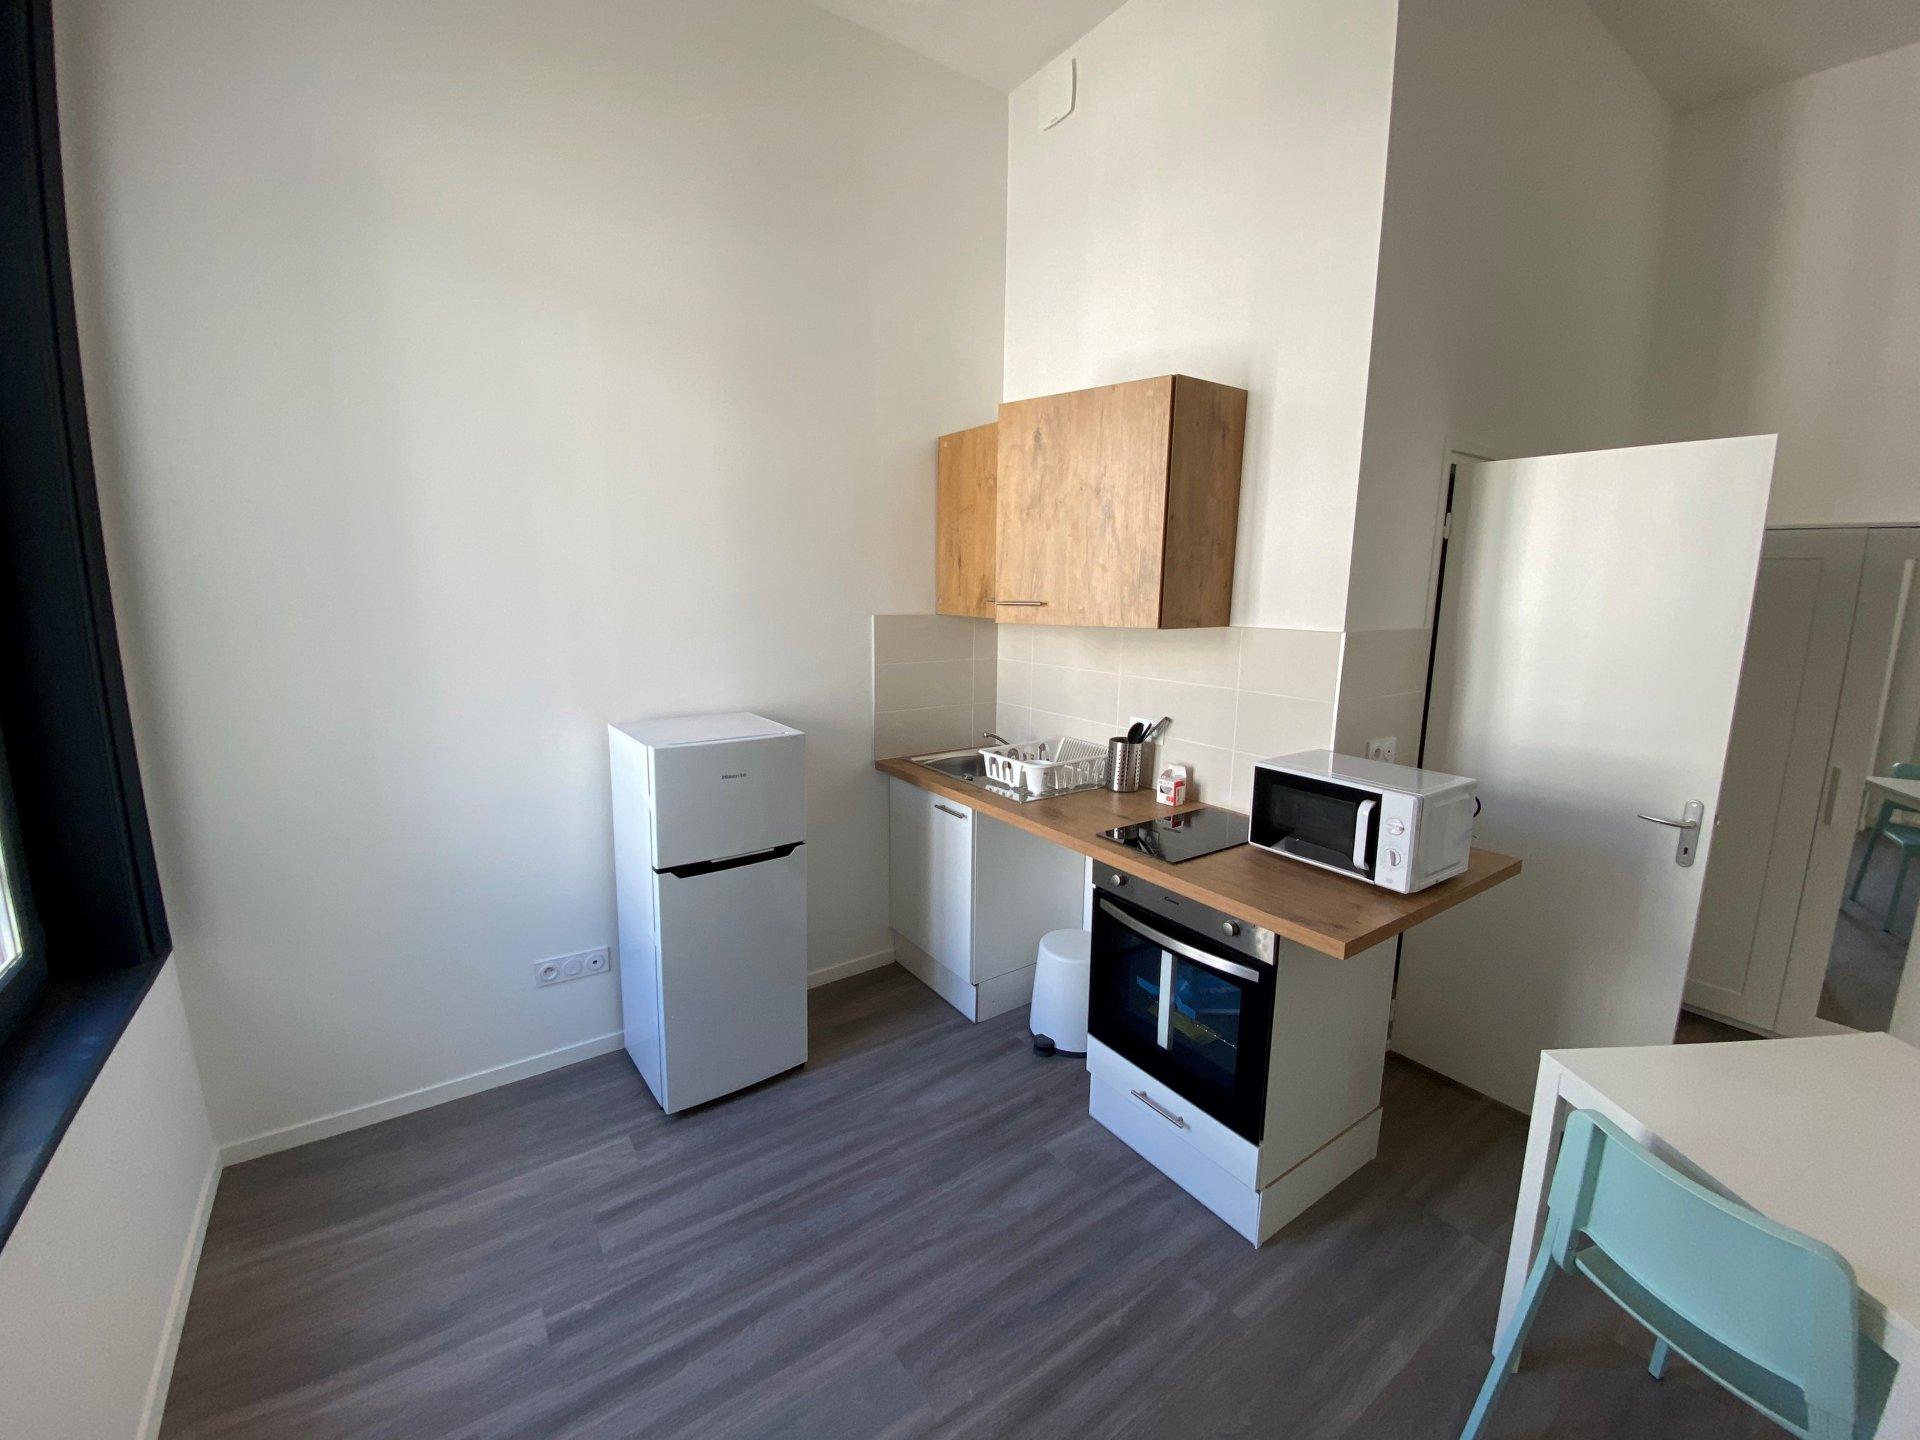 SAINT-ETIENNE CENTRE - Appartement T1 meublé refait à neuf avec mezzanine